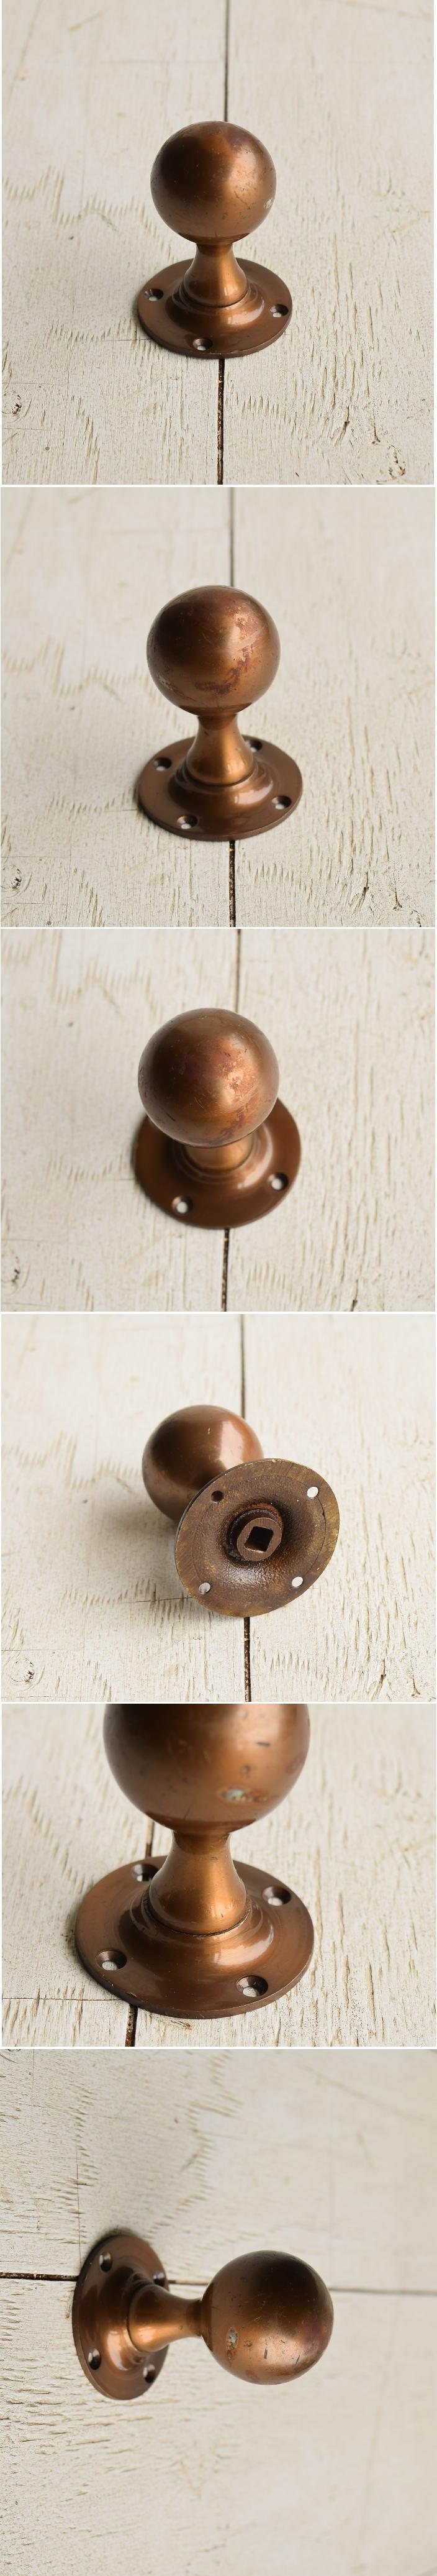 イギリス アンティーク 真鍮ドアノブ 建具金物 握り玉 7220